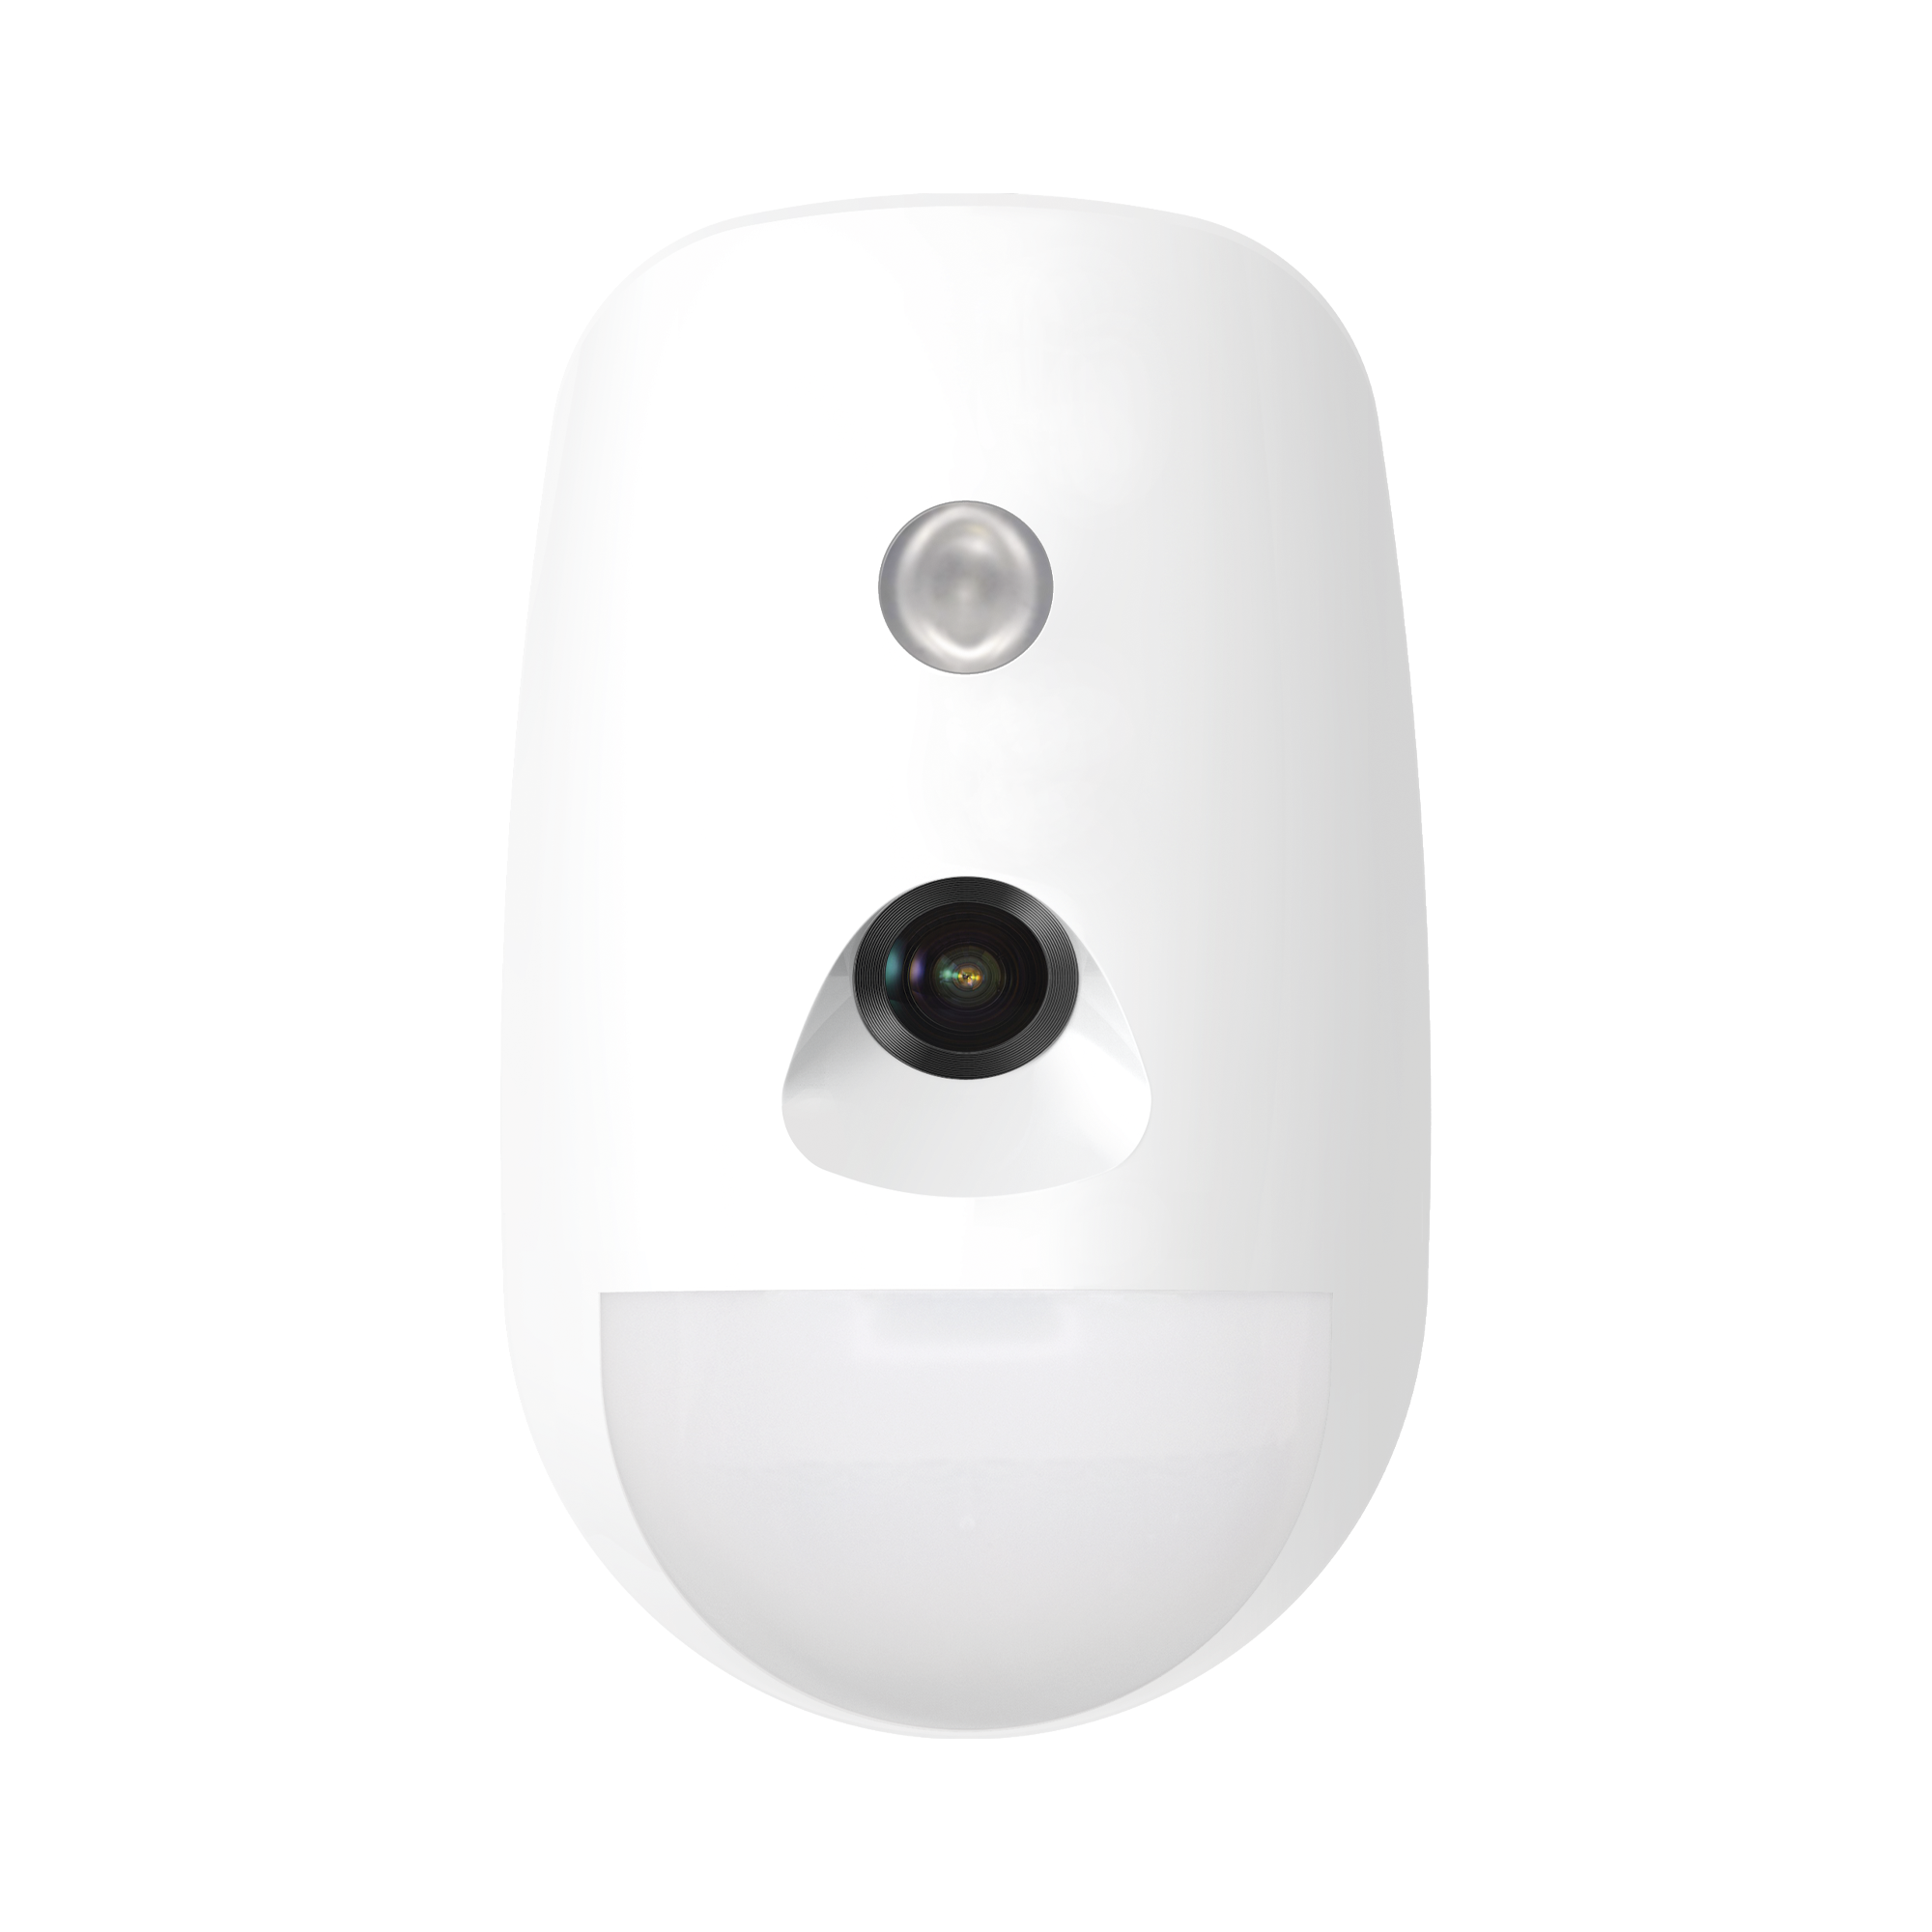 (AX PRO) Detector PIR Interior con Cámara Inalámbrica  / Inmunidad a Mascotas / Rango de Detección de 12 mts / Angulo de 85.9? de Cobertura